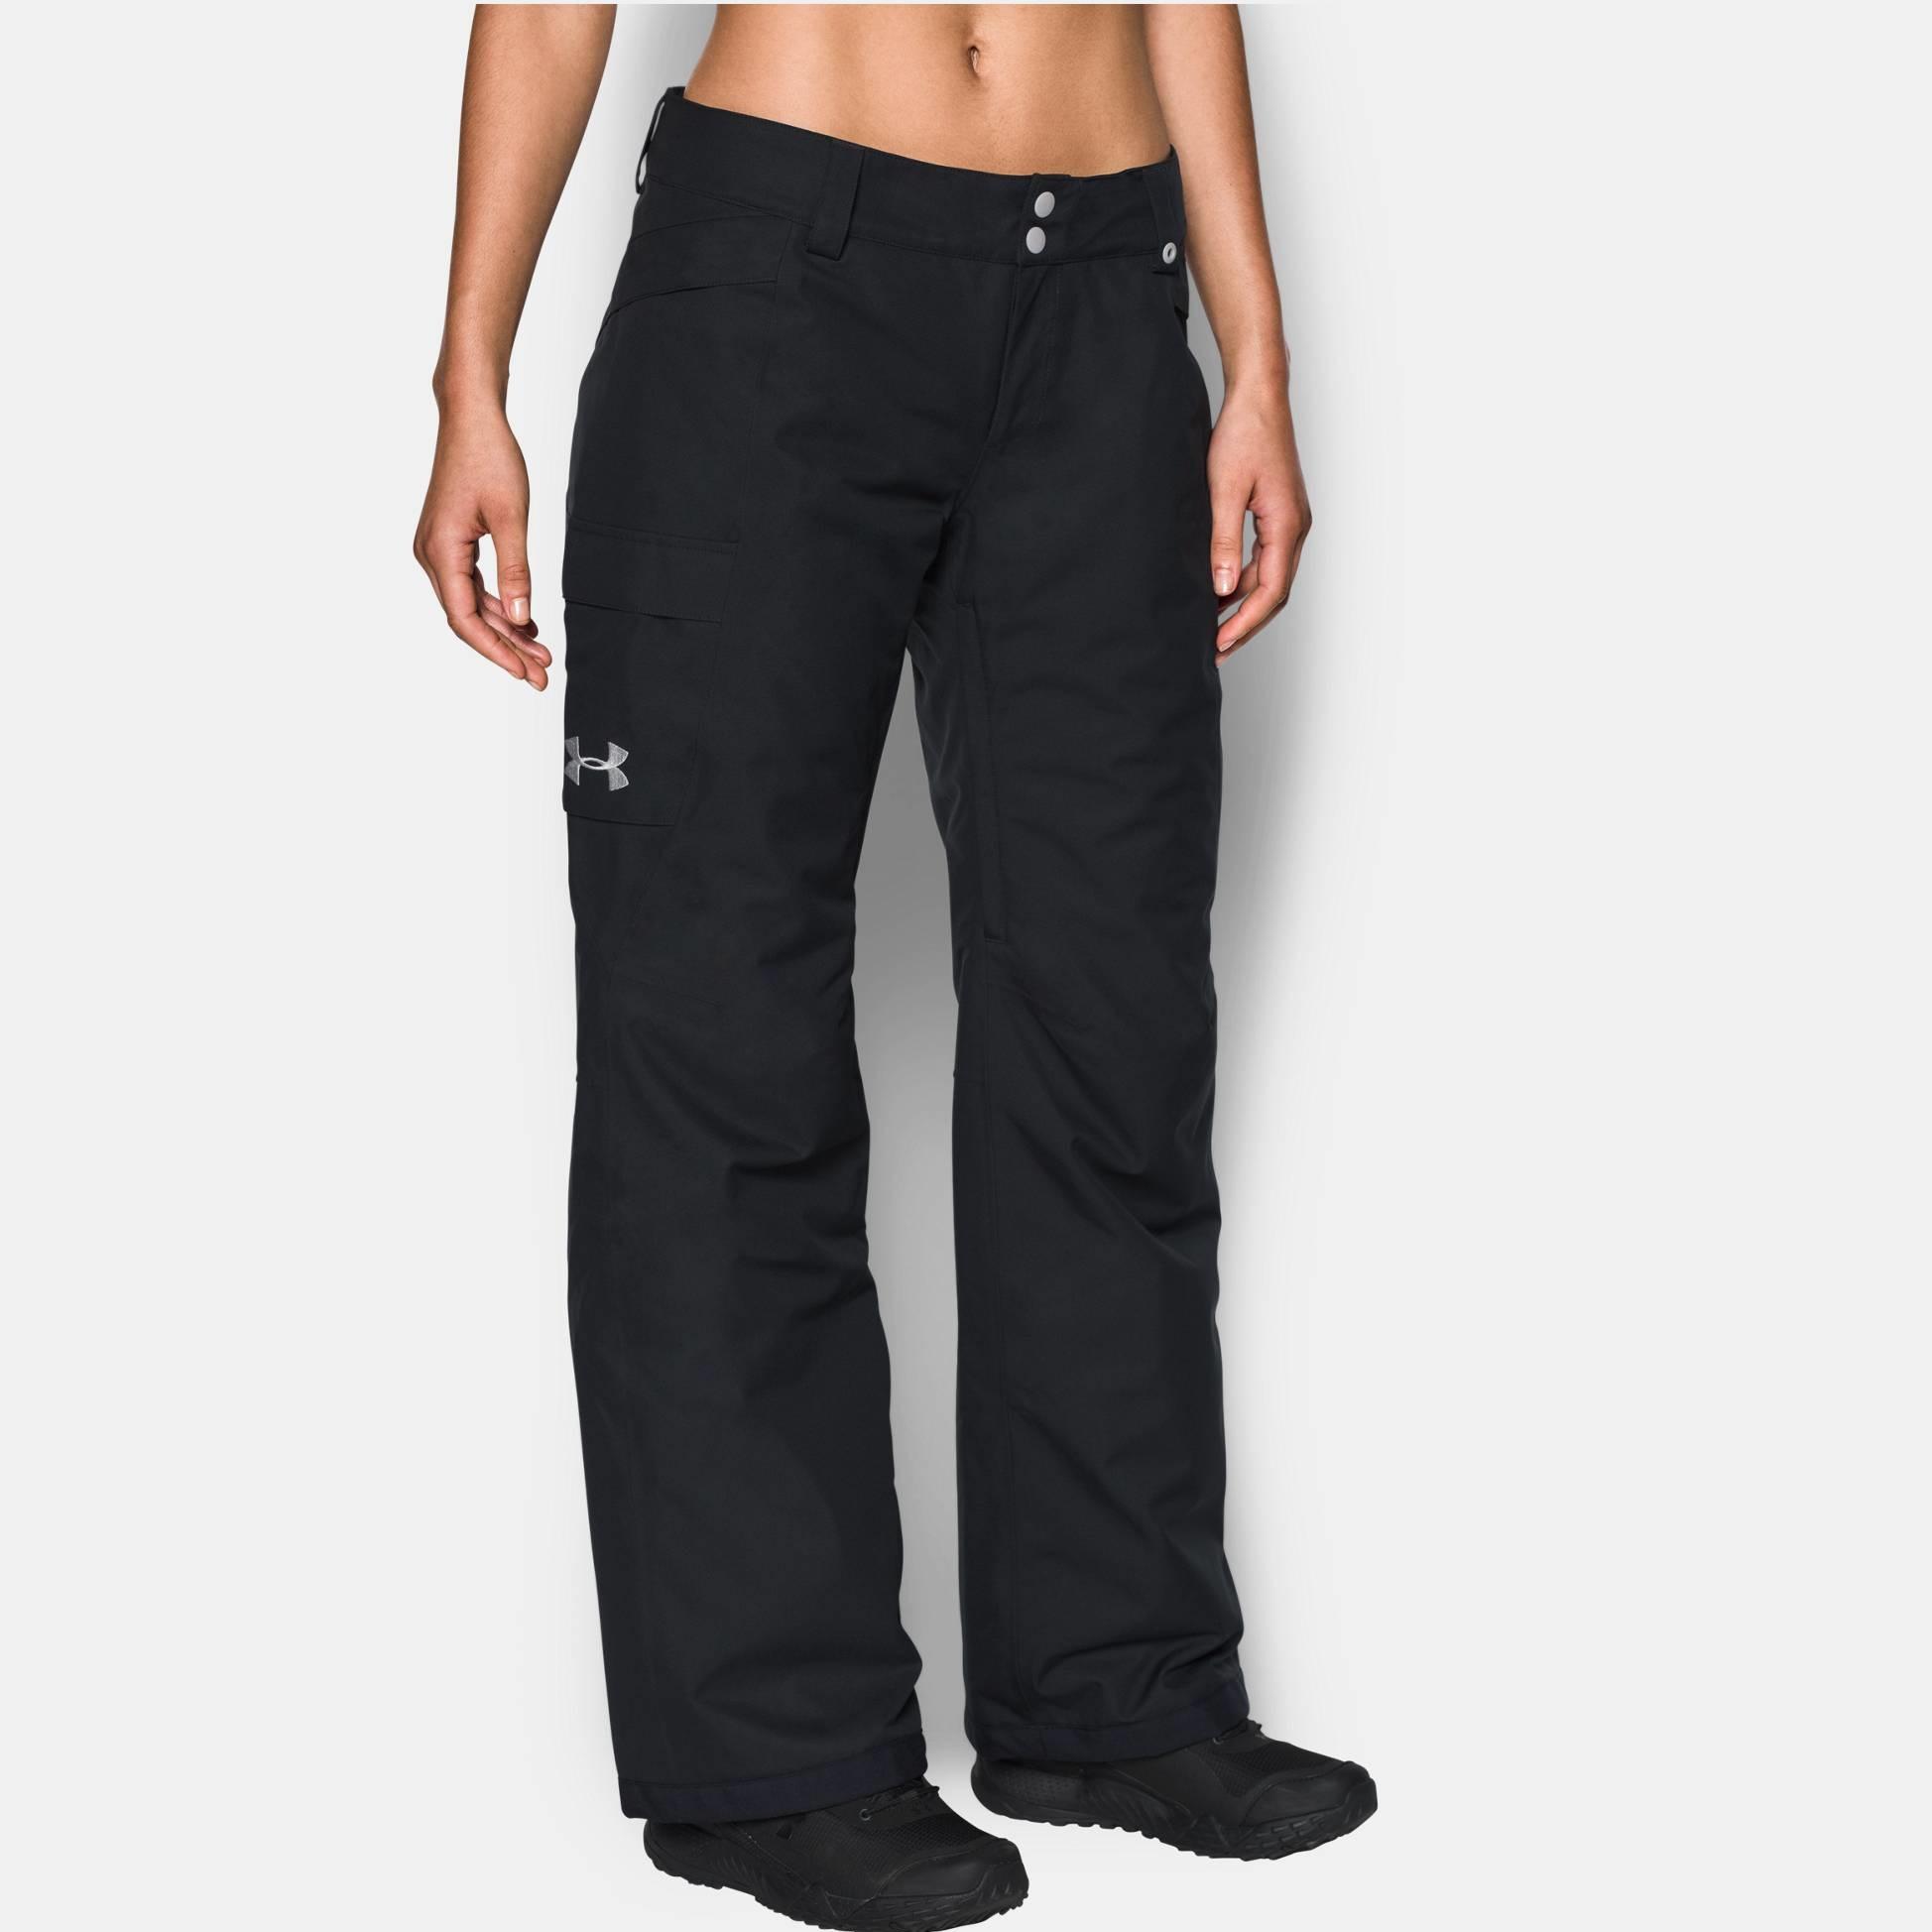 Pero explosión Cambios de  Ski & Snow Pants   Under armour Infrared Chutes Ins. Pants   Snow gear